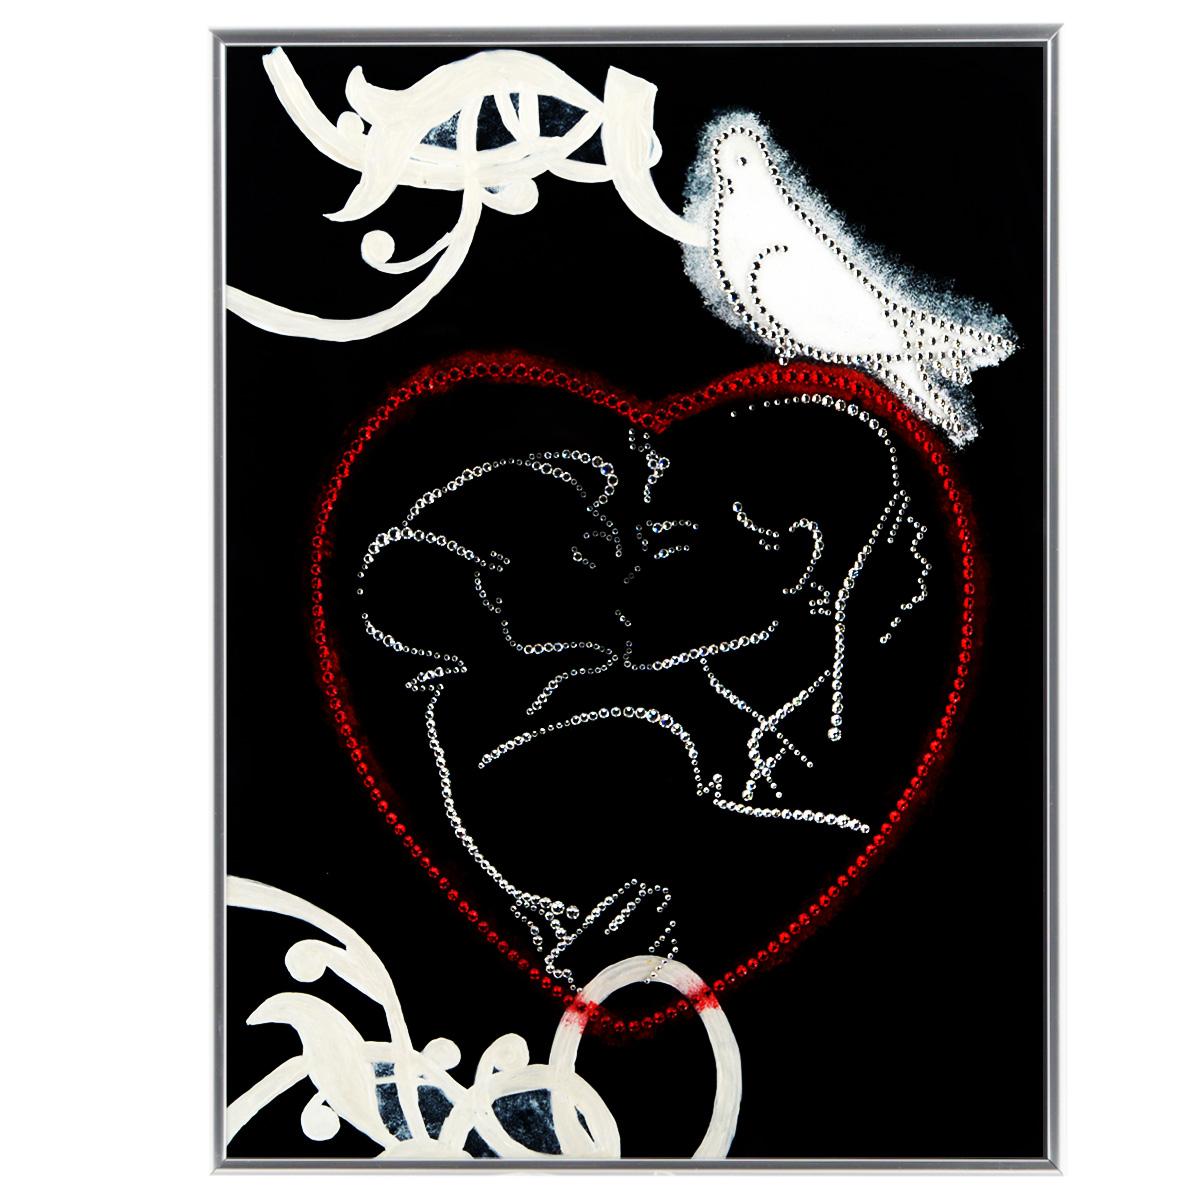 Картина с кристаллами Swarovski С любовью, 30 см х 40 смIDEA CT3-12Изящная картина в металлической раме, инкрустирована кристаллами Swarovski в виде целующийся пары в сердце и голубя. Кристаллы Swarovski отличаются четкой и ровной огранкой, ярким блеском и чистотой цвета. Под стеклом картина оформлена бархатистой тканью, что прекрасно дополняет блеск кристаллов. С обратной стороны имеется металлическая петелька для размещения картины на стене. Картина с кристаллами Swarovski С любовью элегантно украсит интерьер дома или офиса, а также станет прекрасным подарком, который обязательно понравится получателю. Блеск кристаллов в интерьере, что может быть сказочнее и удивительнее. Картина упакована в подарочную картонную коробку синего цвета и комплектуется сертификатом соответствия Swarovski.